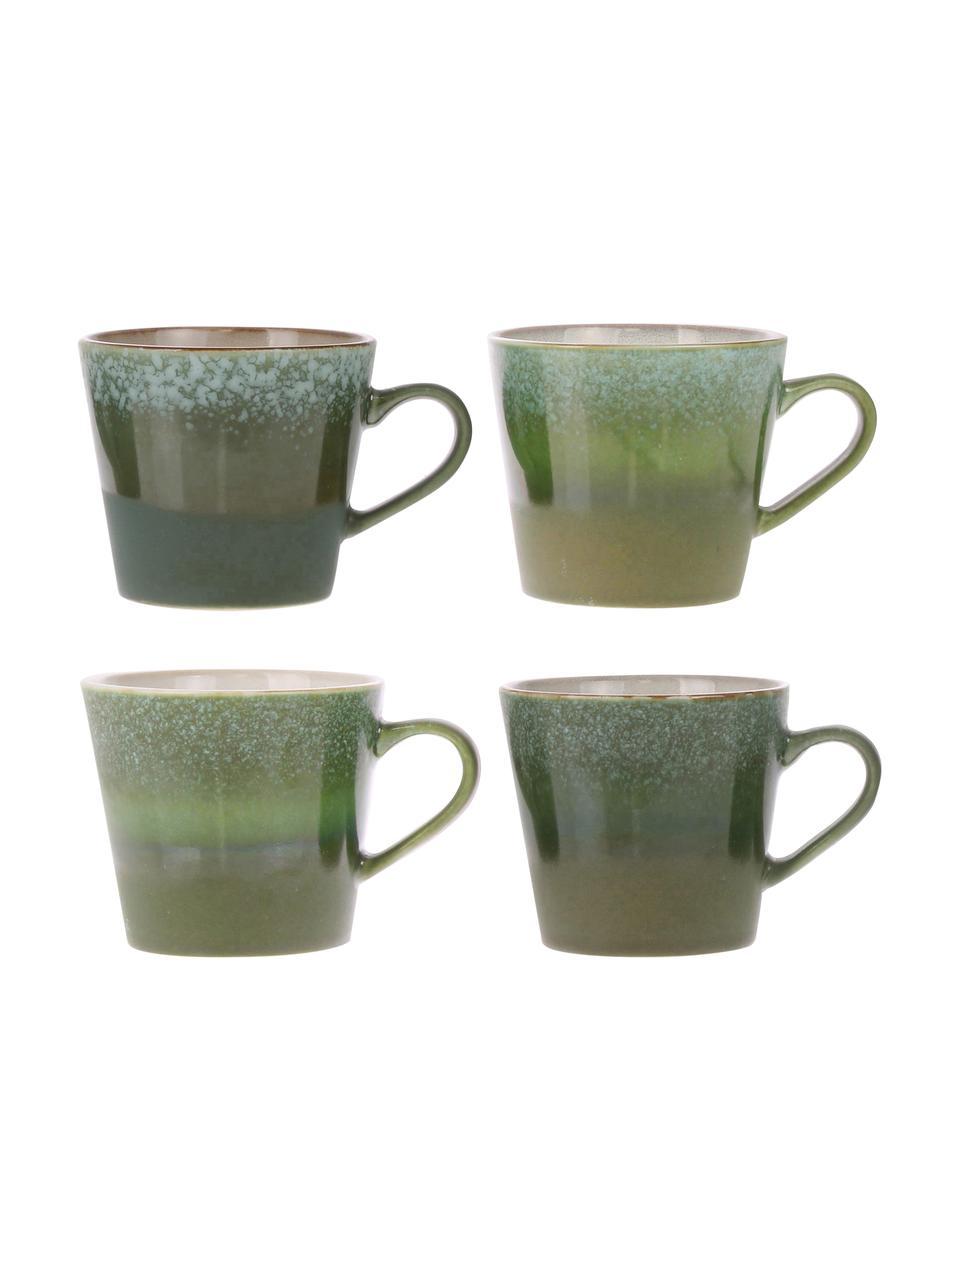 Handgemachte Tassen 70's im Retro Style, 4 Stück, Steingut, Grüntöne, Ø 10 x H 12 cm